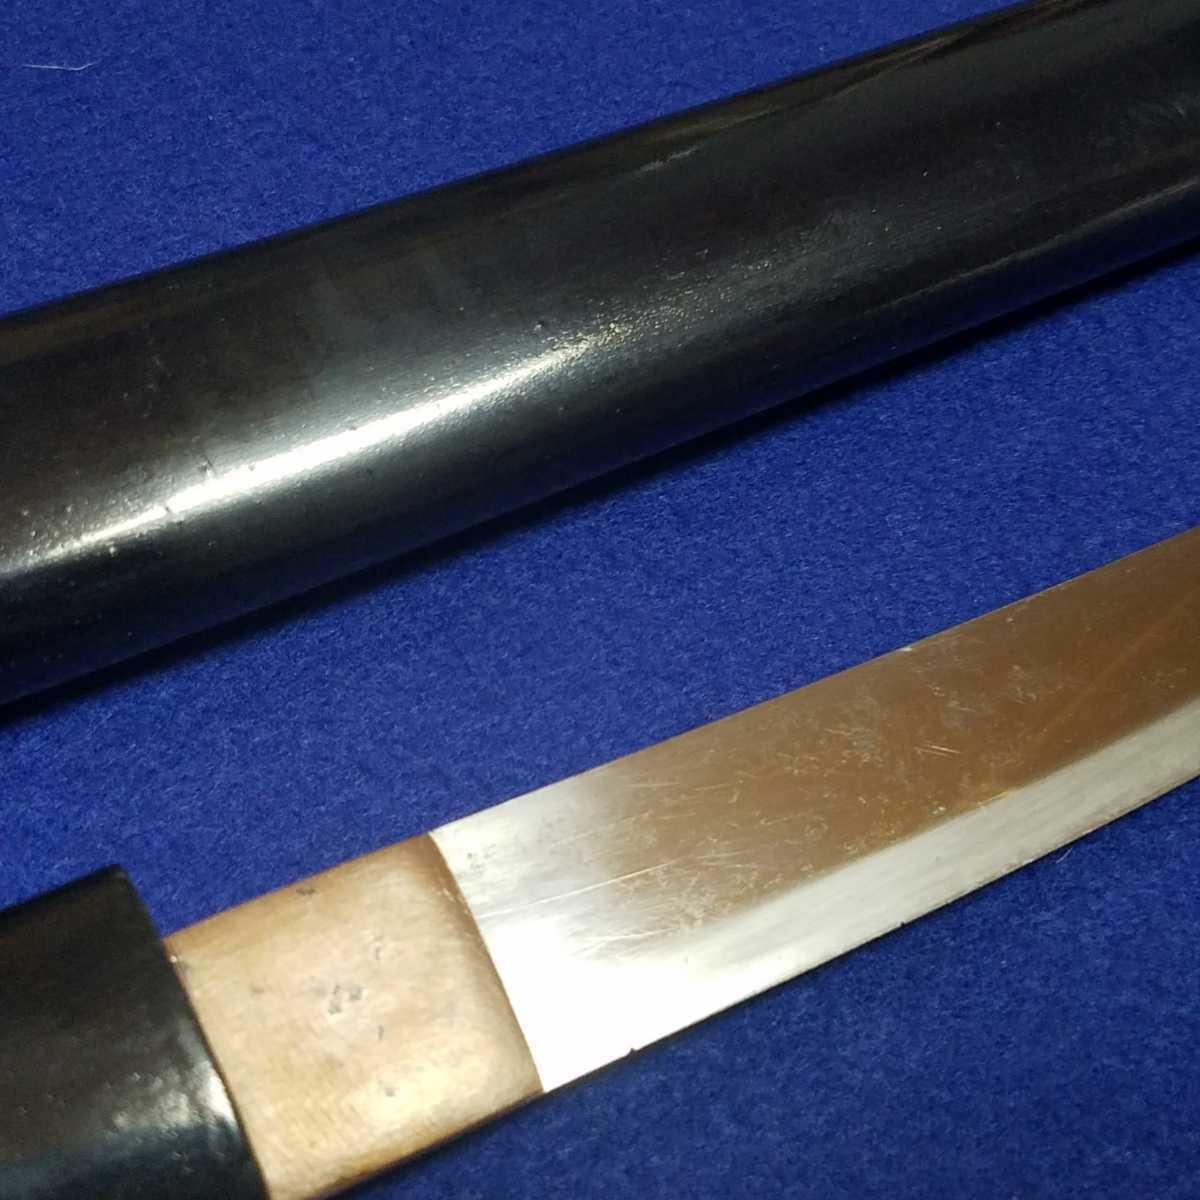 ■短刀■14.95cm■合法サイズ■日本刀、刀、刀剣、侍、武士、武具■a687_画像6